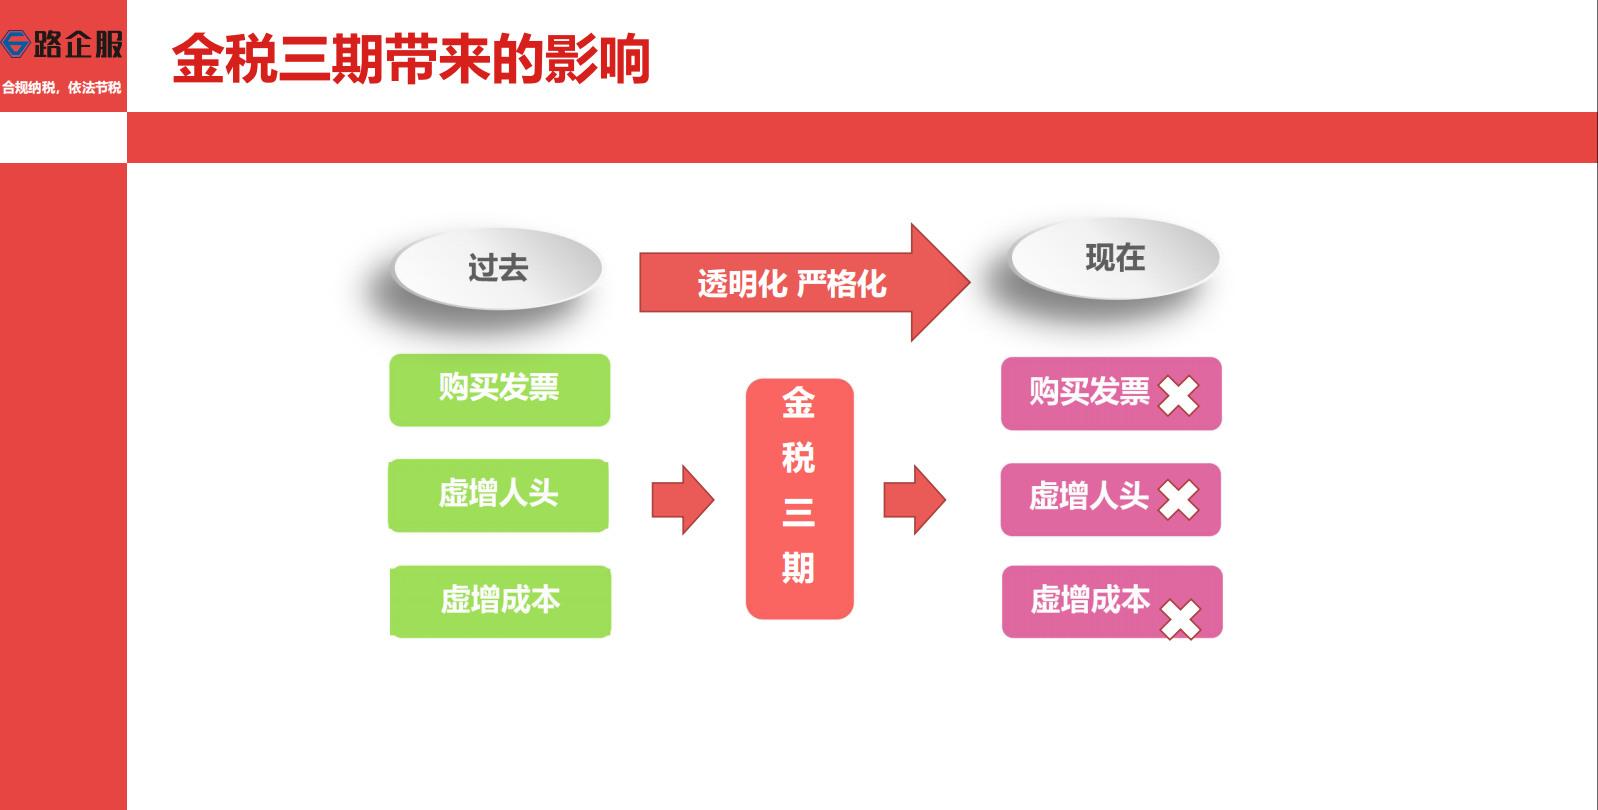 重庆无风险税务个人独资企业节税,税务